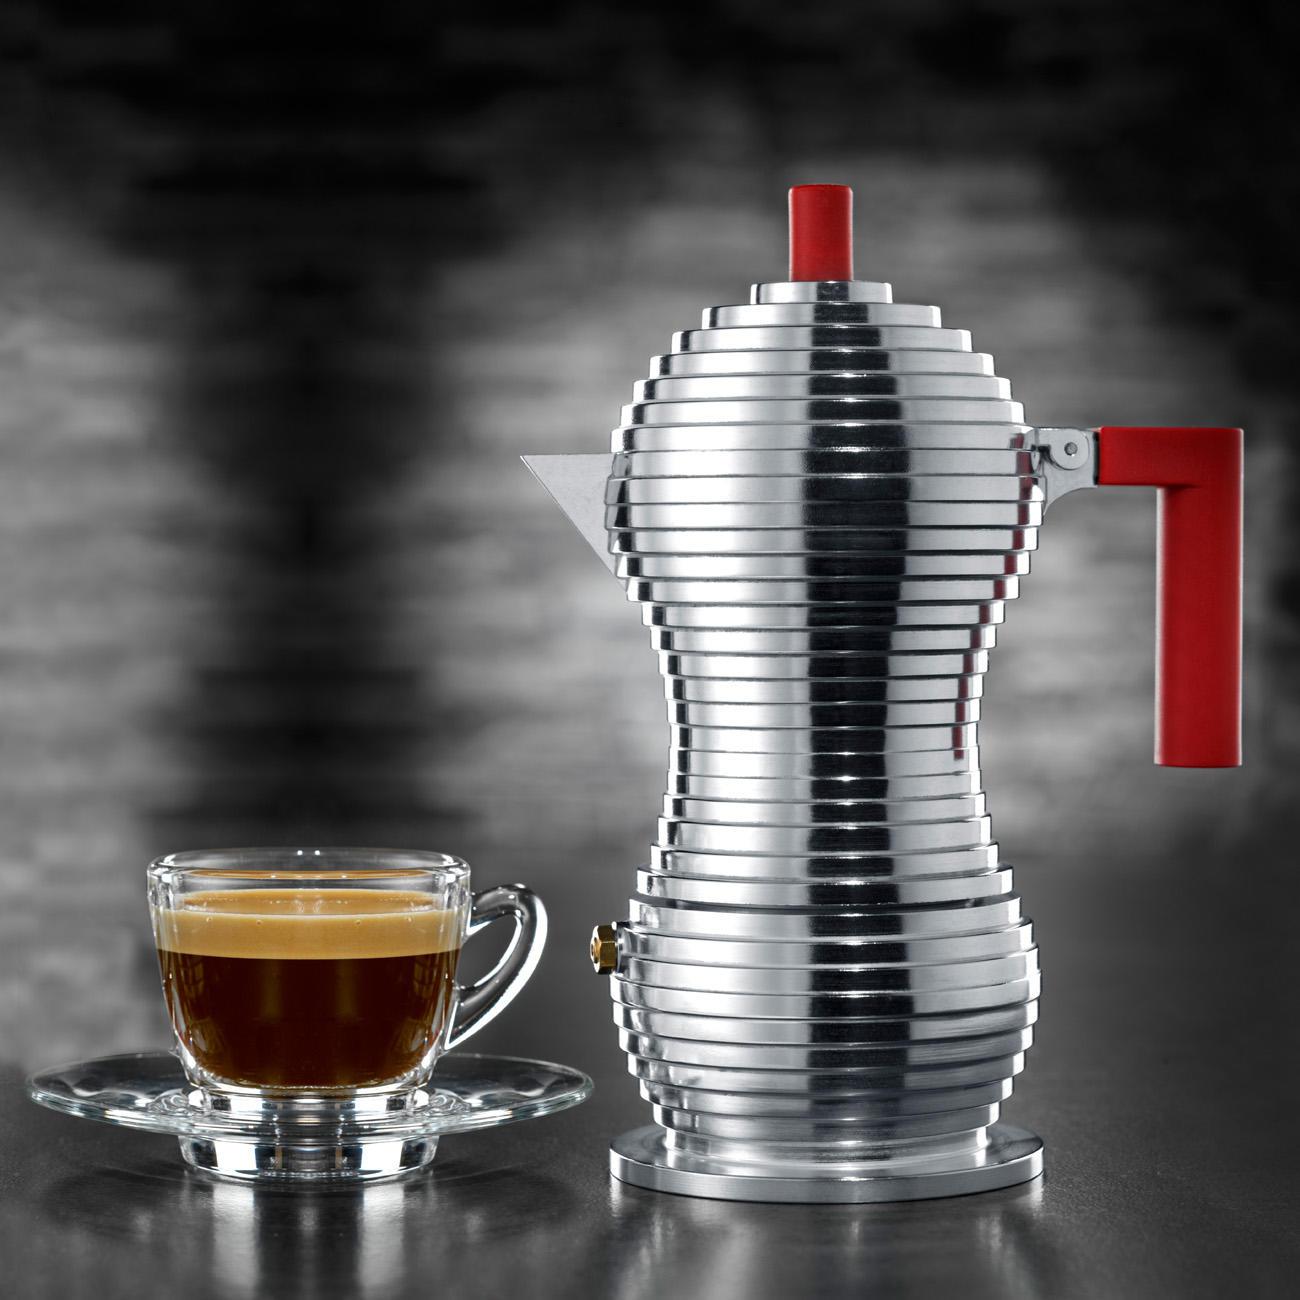 Espressokocher Pulcina für 3 Tassen, 150 ml, Aluminium/rot, 9,2 cm Durchmesser, 20 cm H